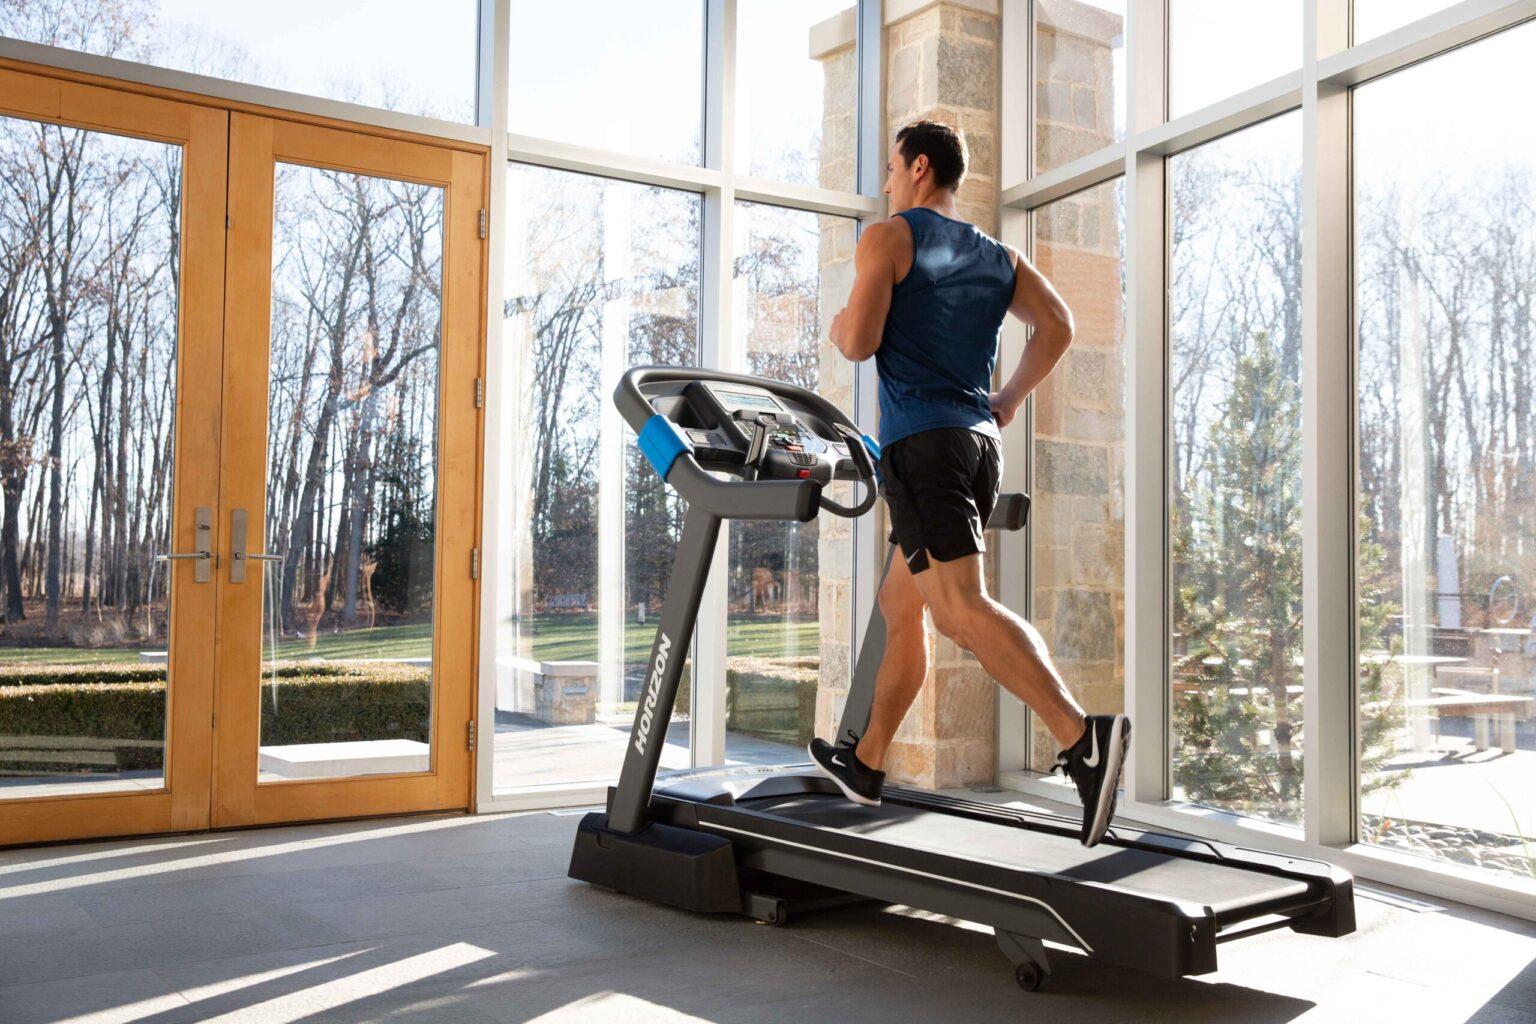 máy chạy bộ điện mỹ và cách kiểm soát cân nặng mùa dịch